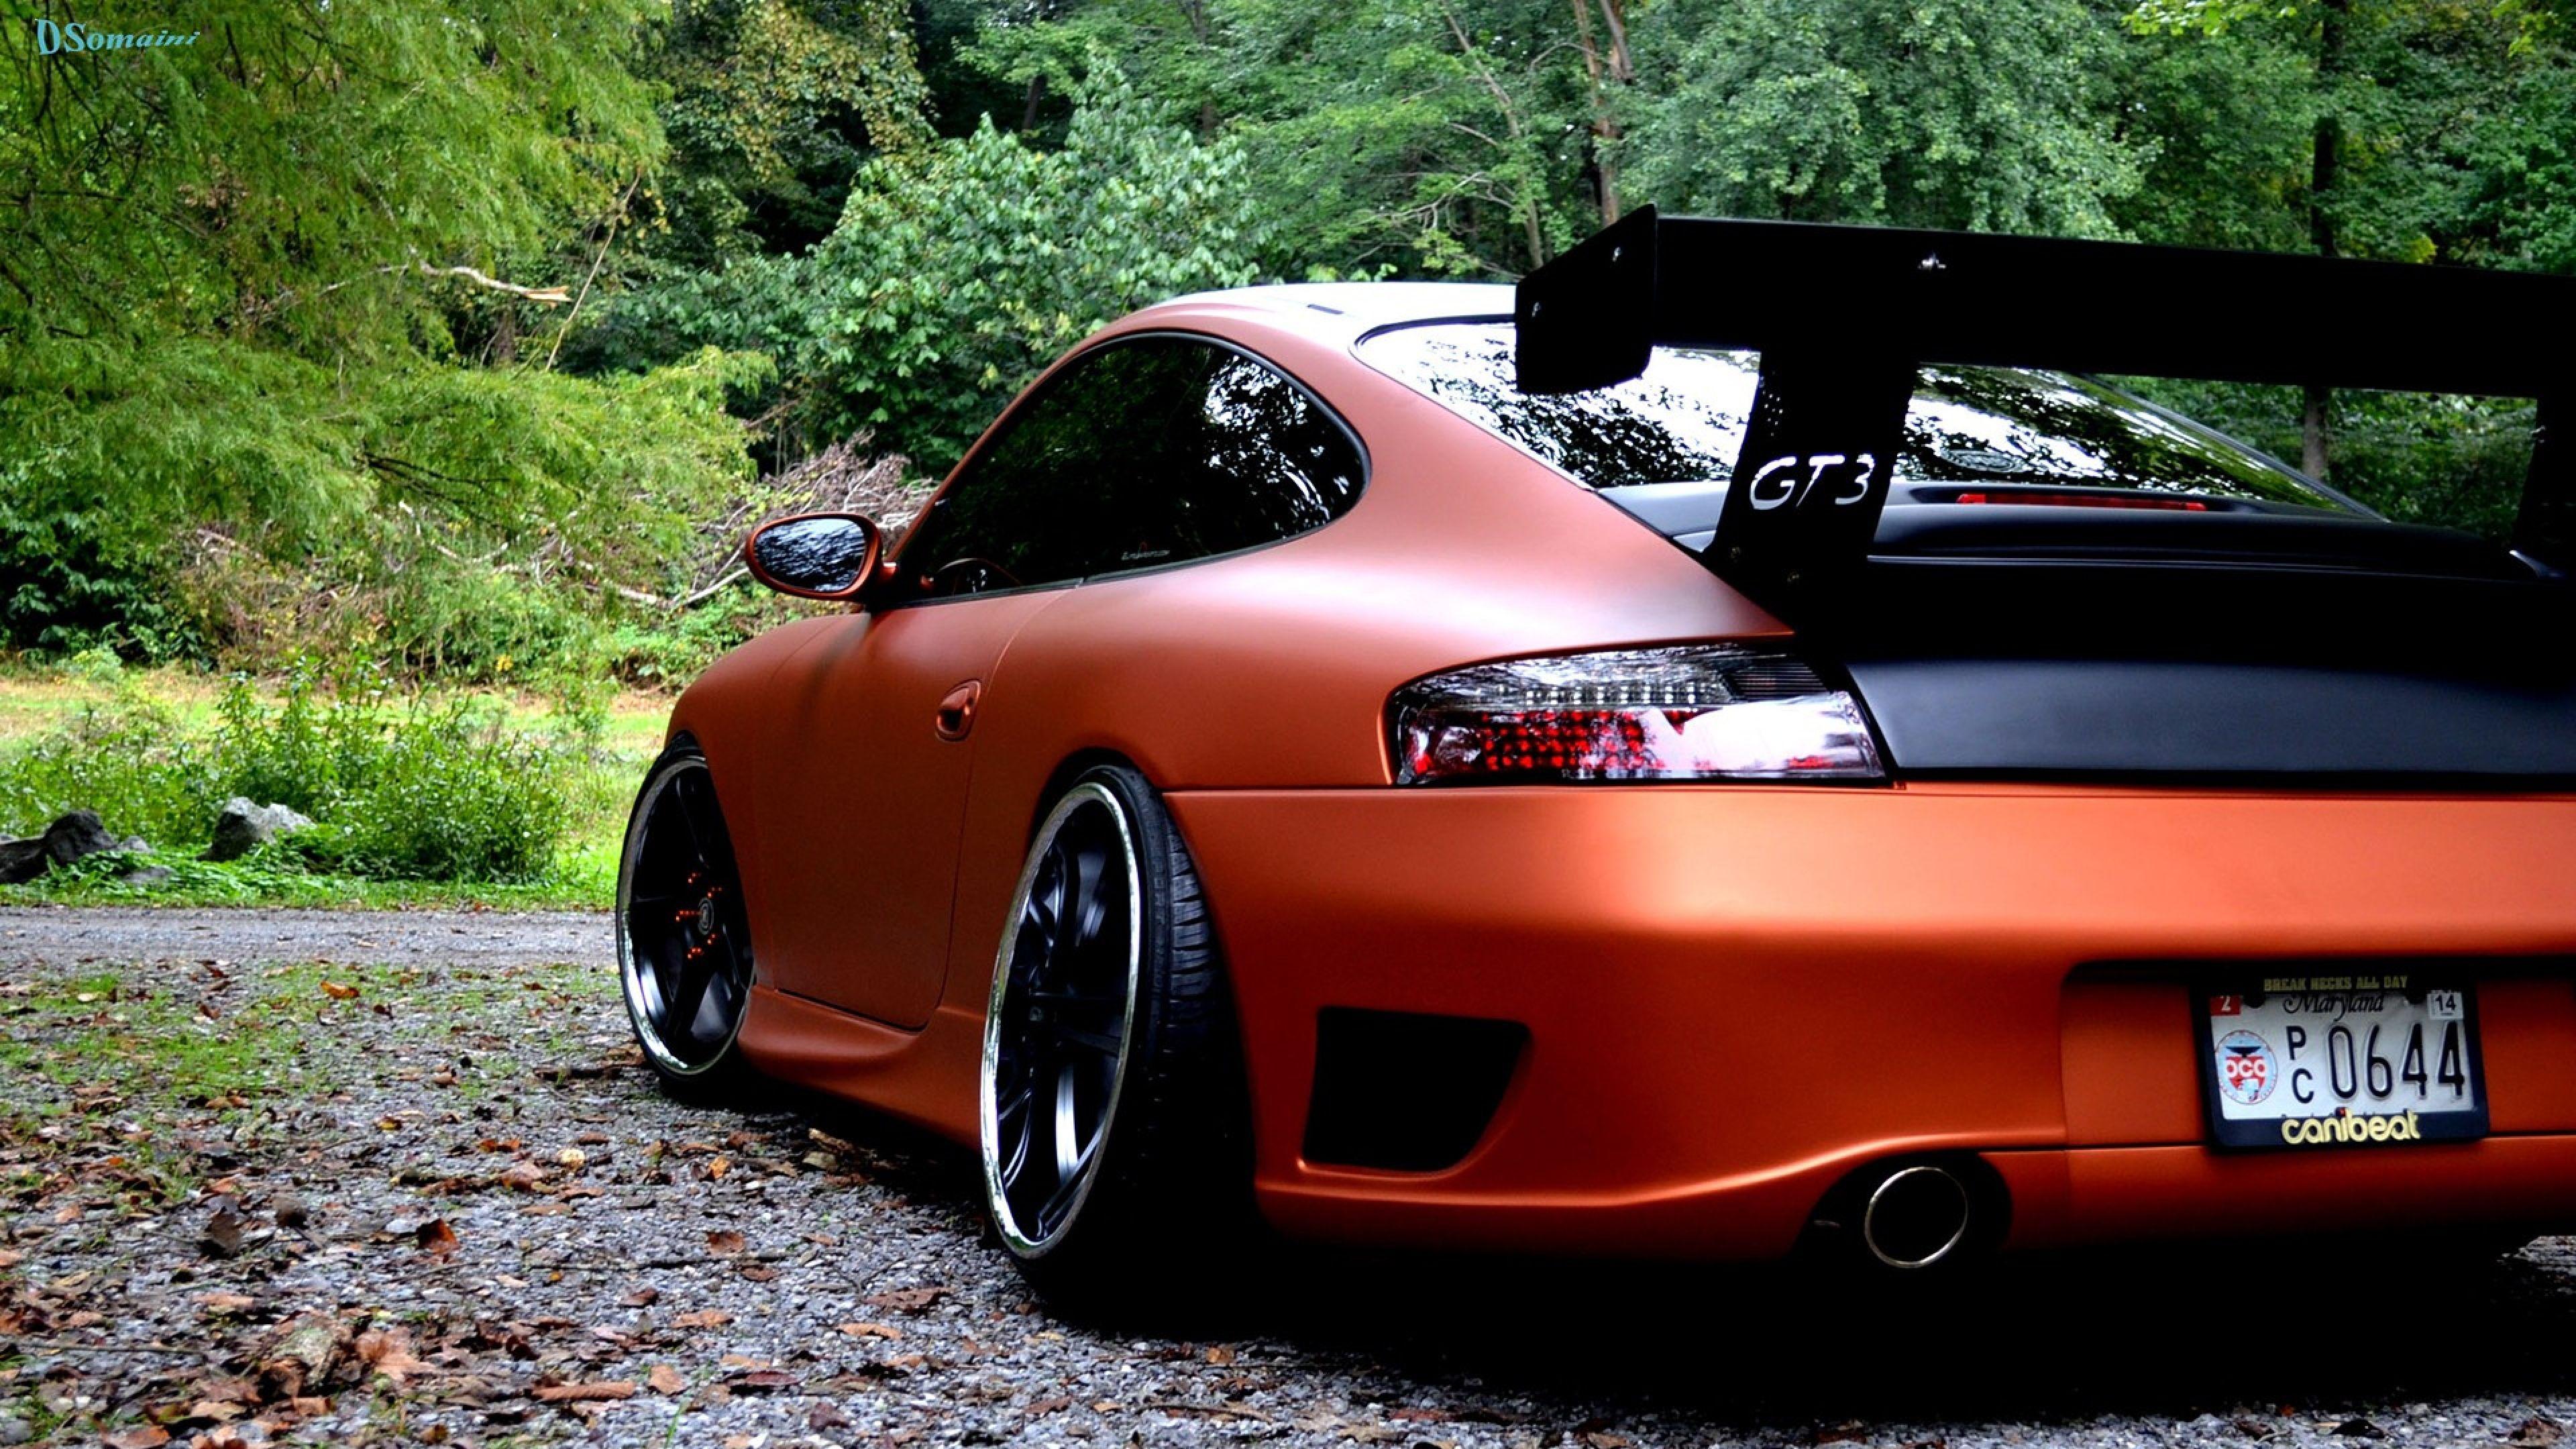 Porsche gt3 ultra hd 4k wallpapers cars pinterest - Car 4k wallpaper ...